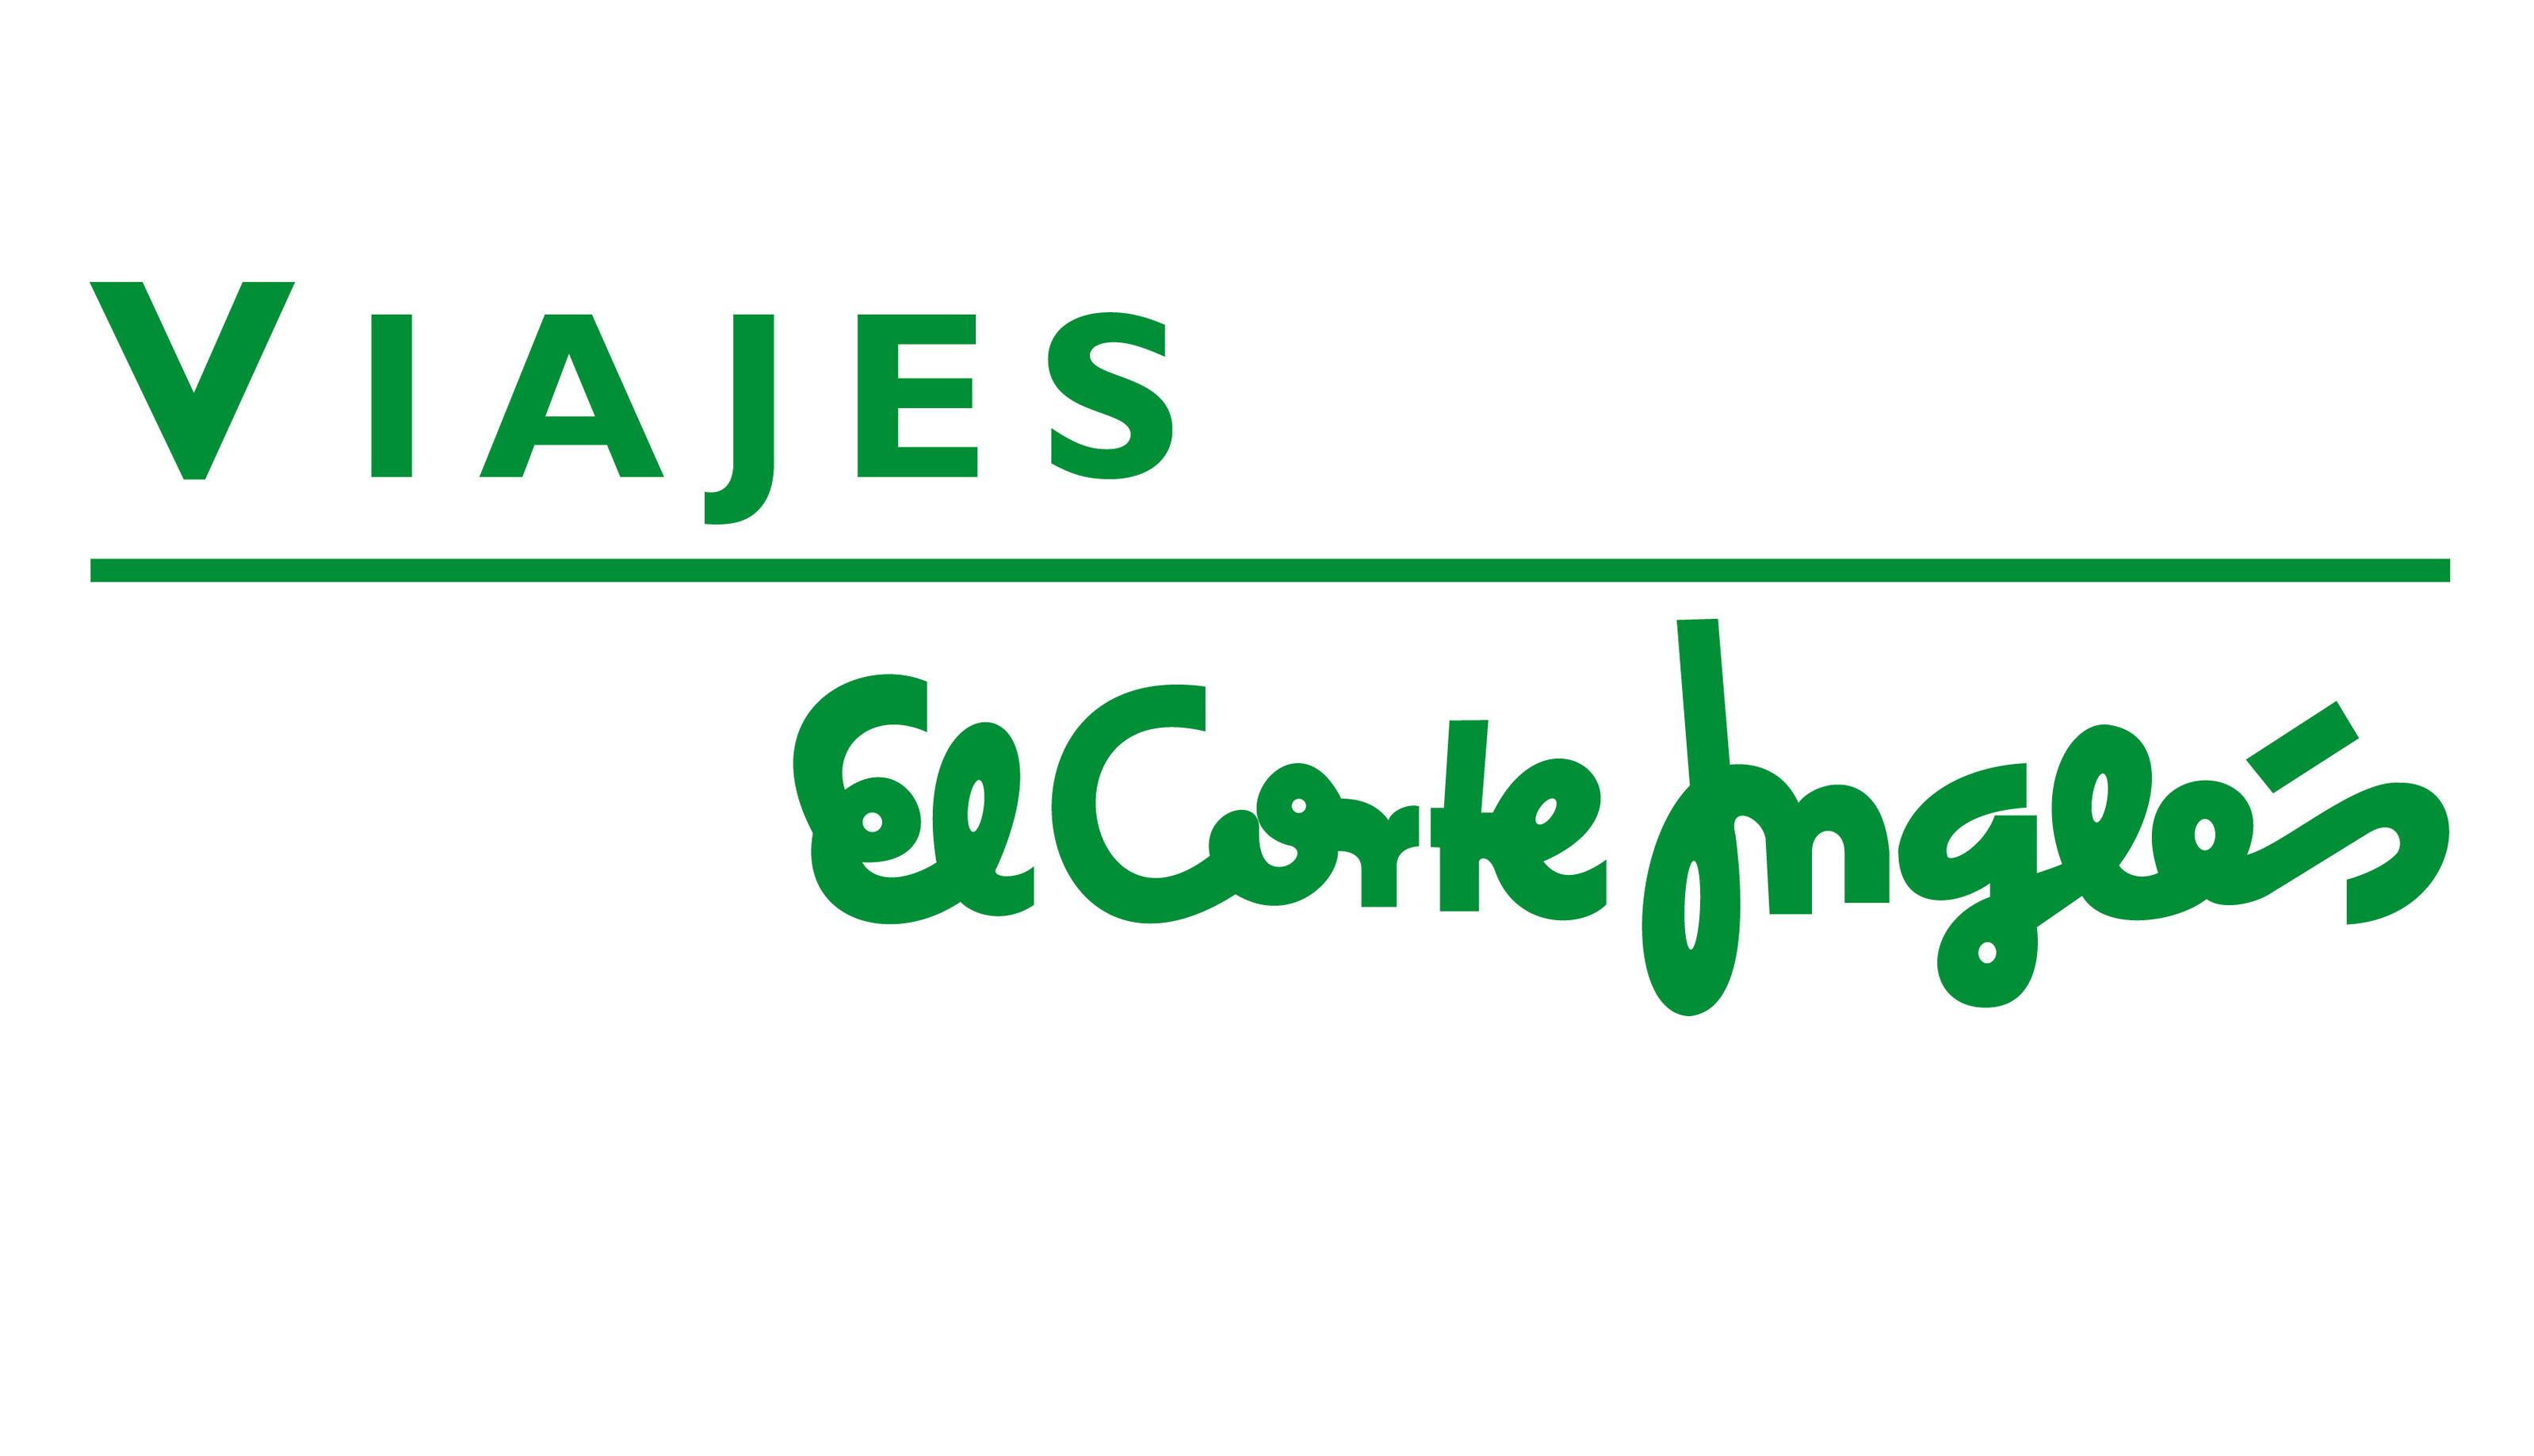 Busca las ofertas empleo en viajes el corte ingles for Cafeteras corte ingles ofertas